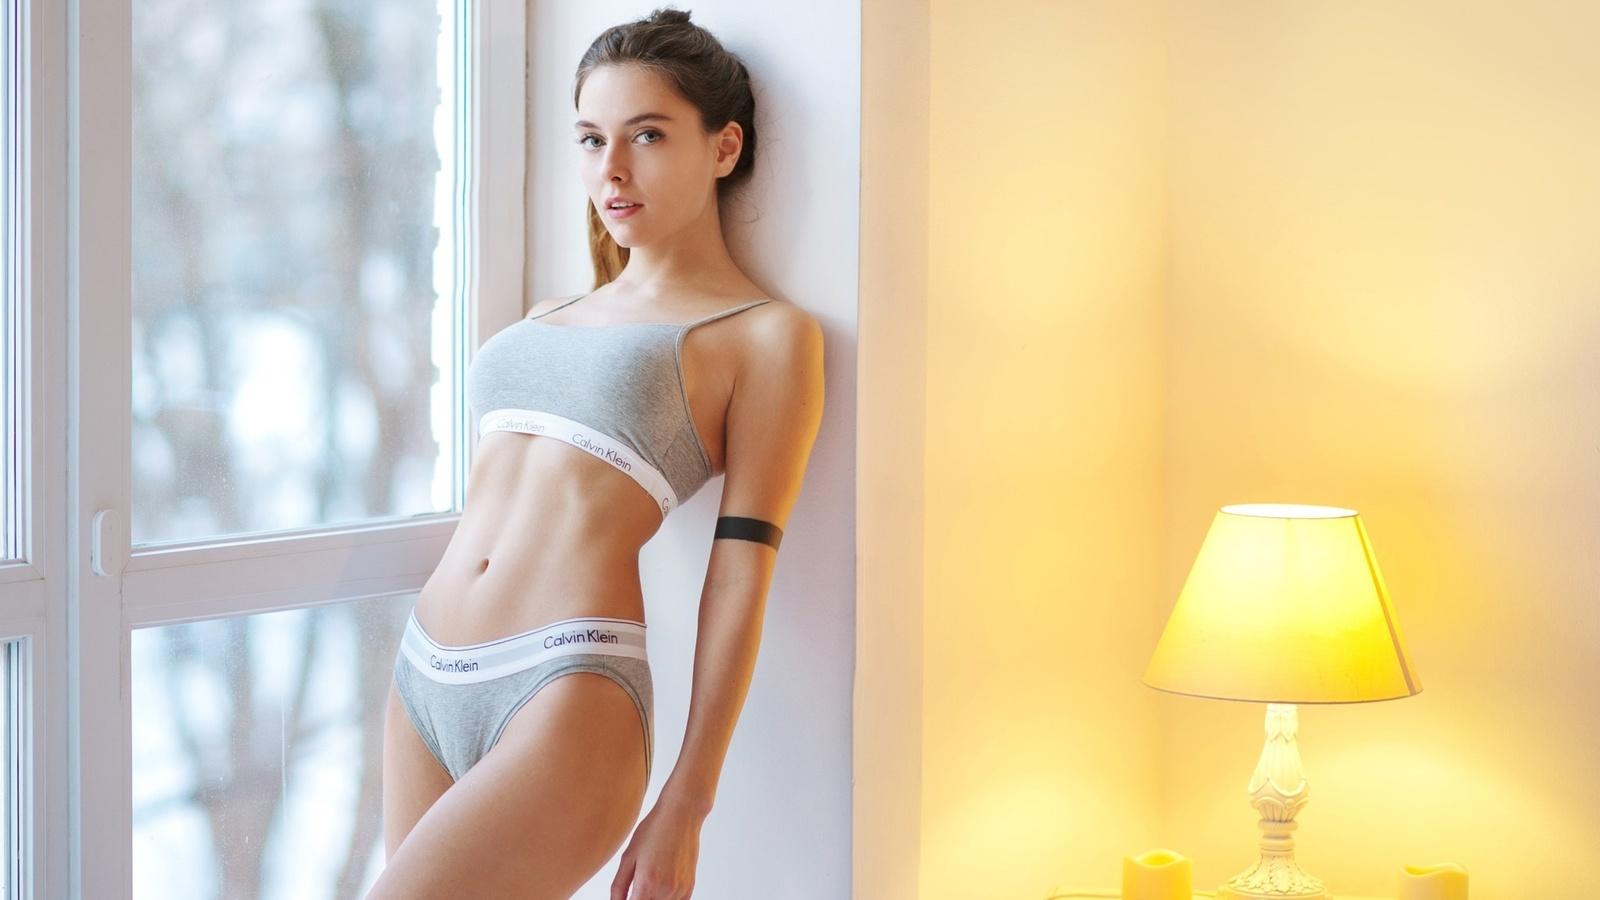 Про девушек в нижнем белье просвечиваем, Порно В красивом белье -видео. Смотреть порно 23 фотография